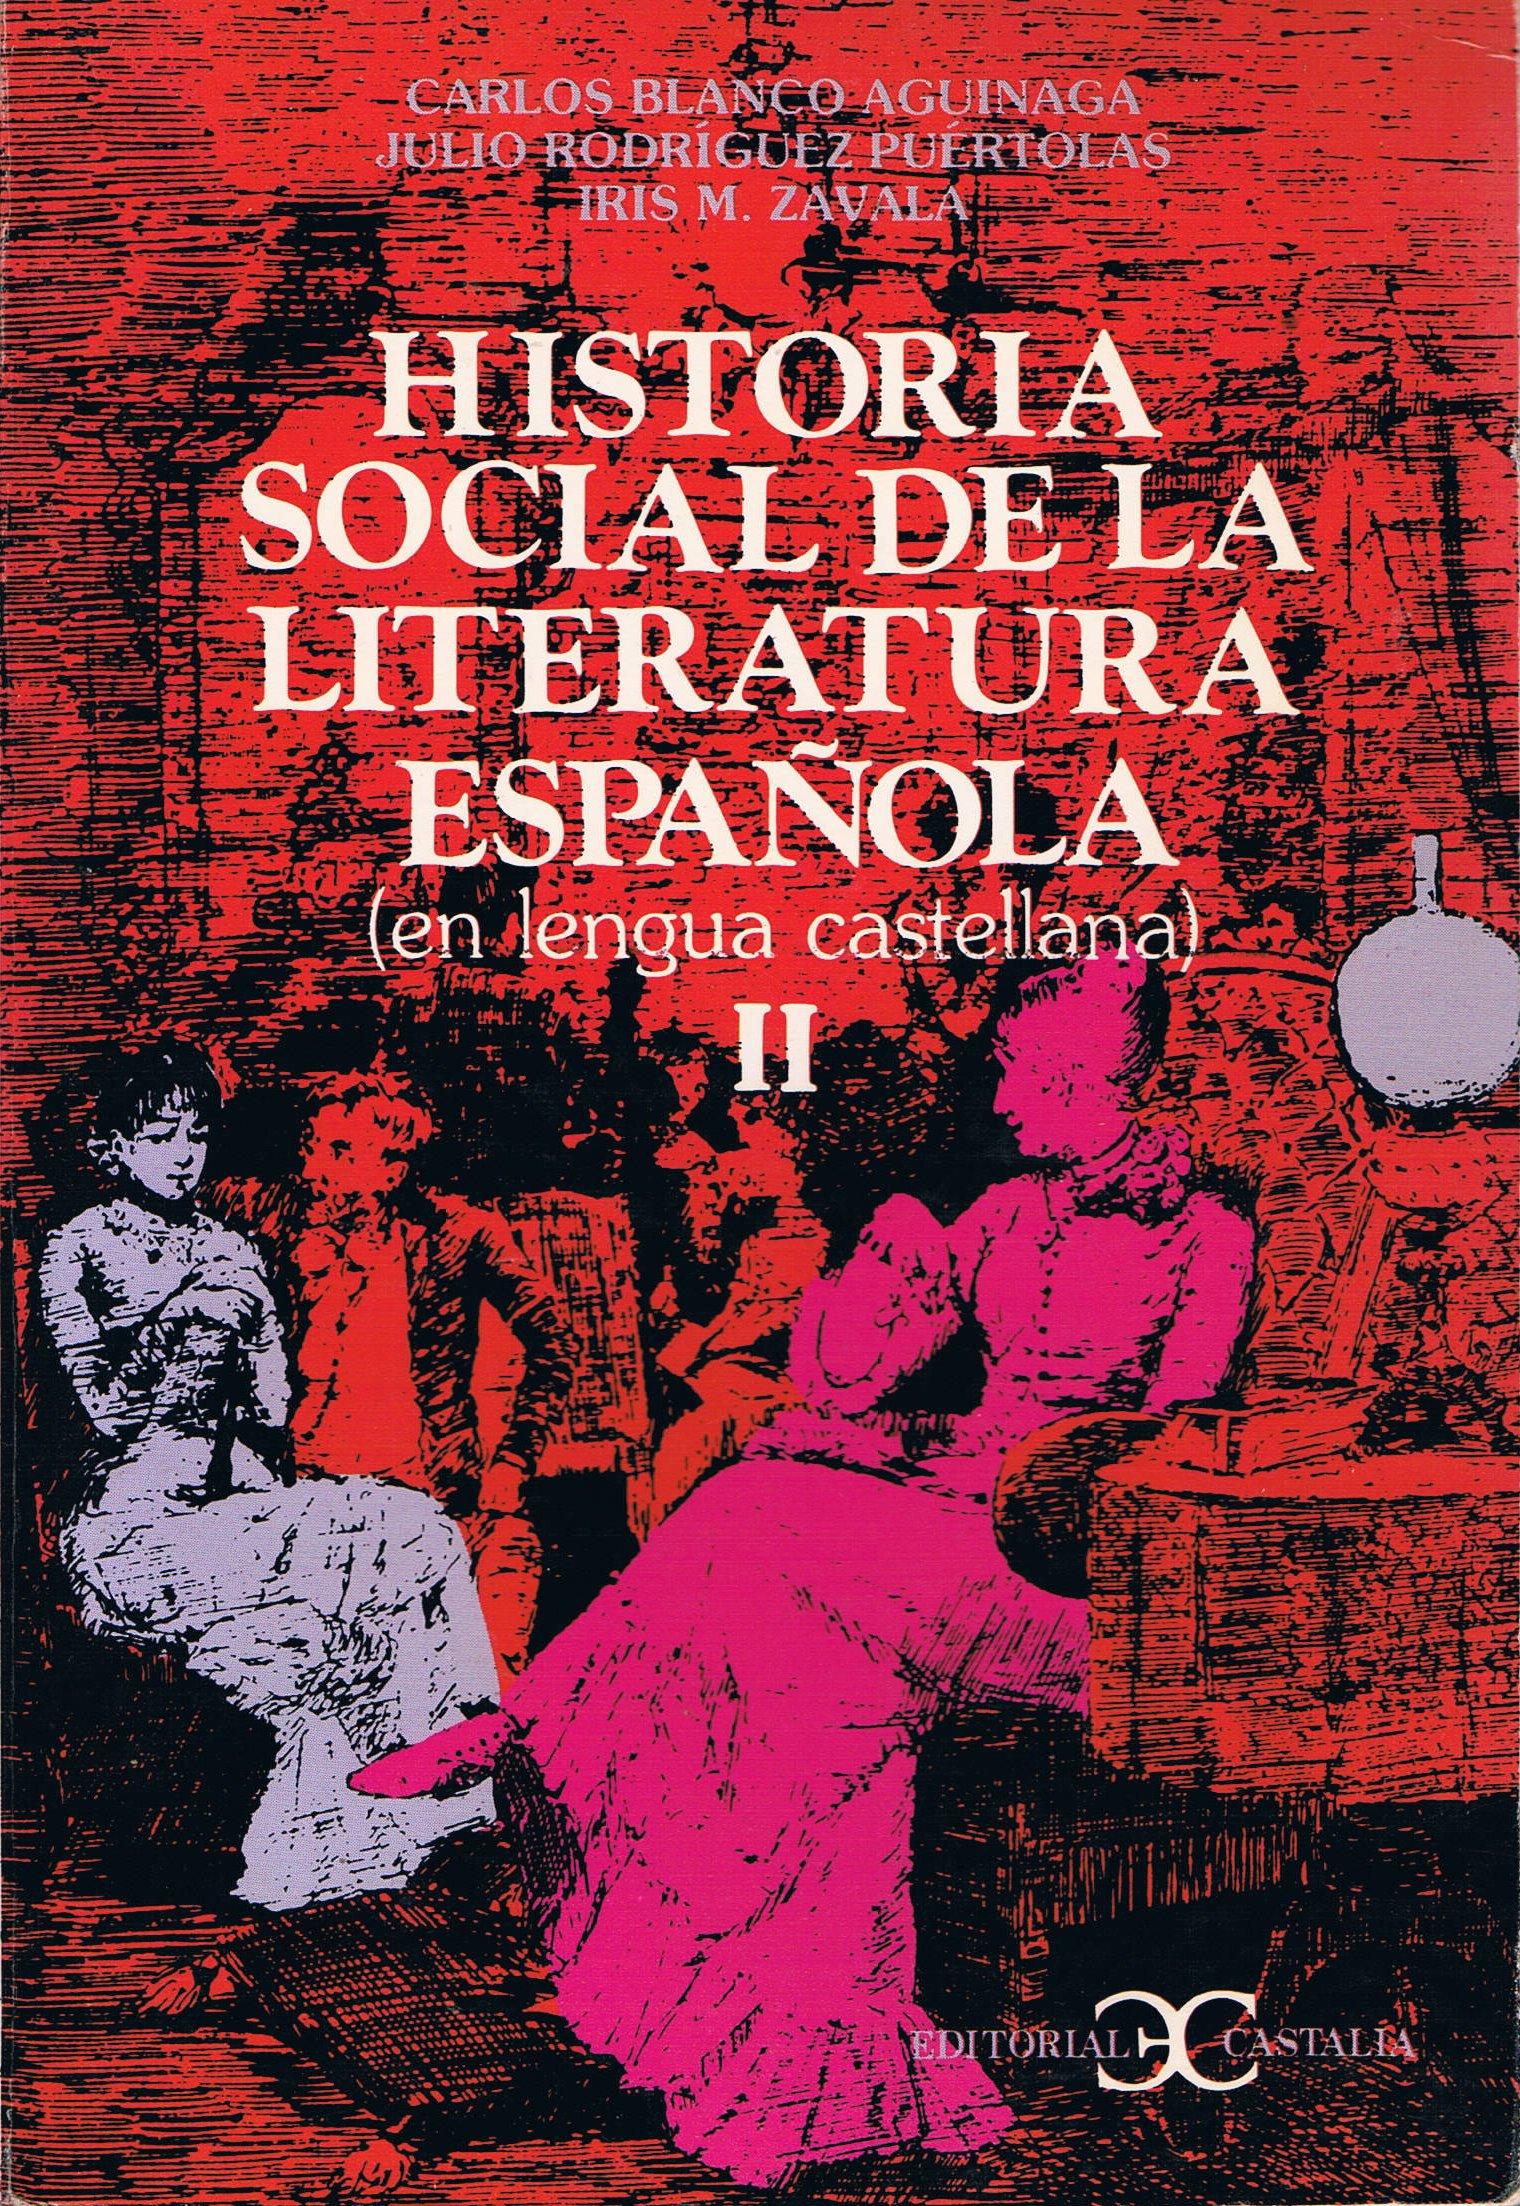 Historia social de la literatura española. 3 tomos